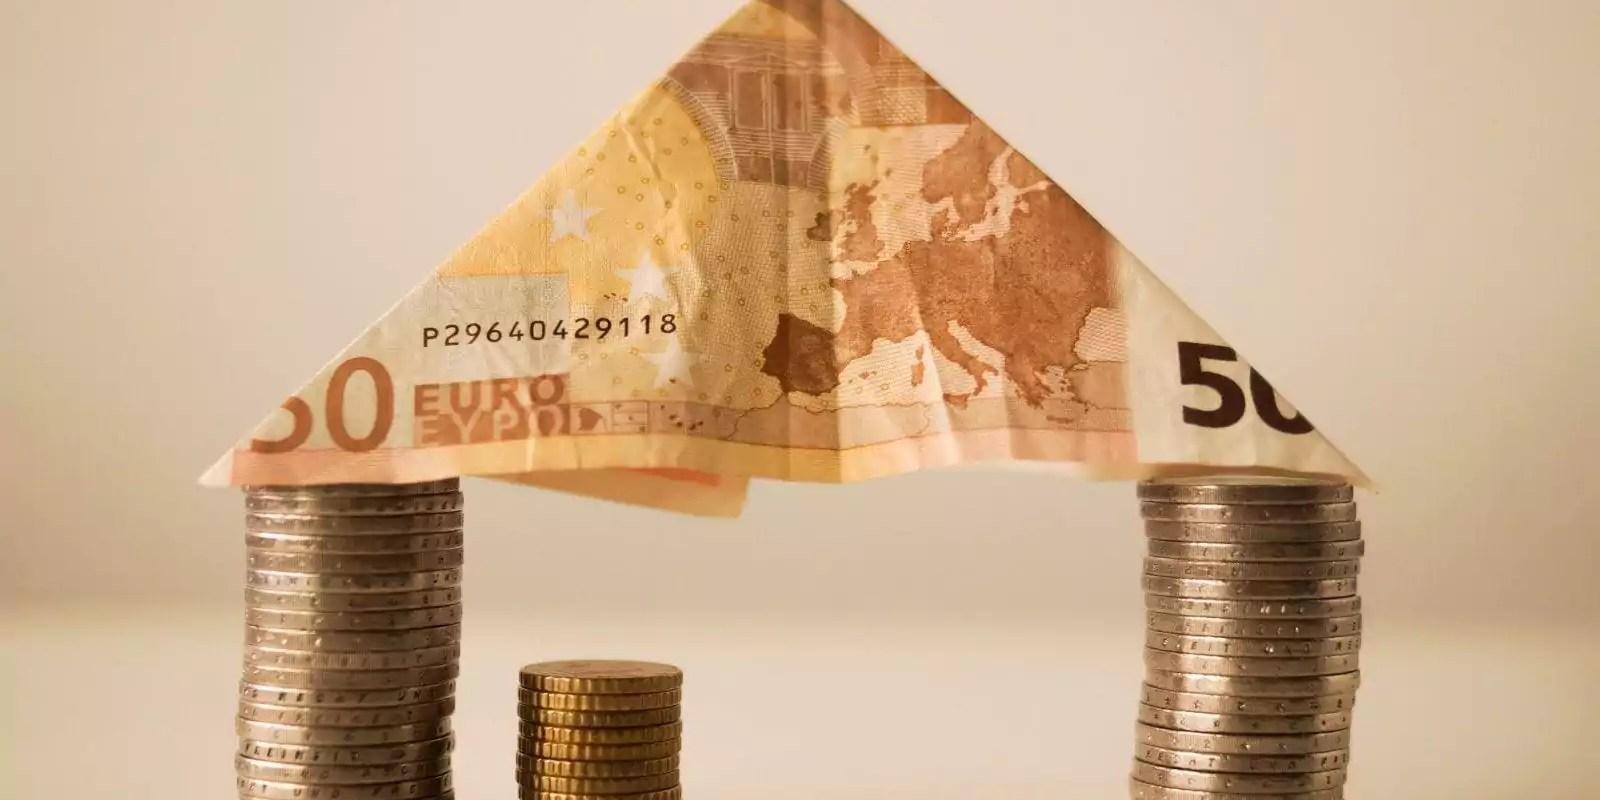 Au conseil municipal, le «pacte financier» imposé par le gouvernement Macron fera-t-il exploser la majorité?